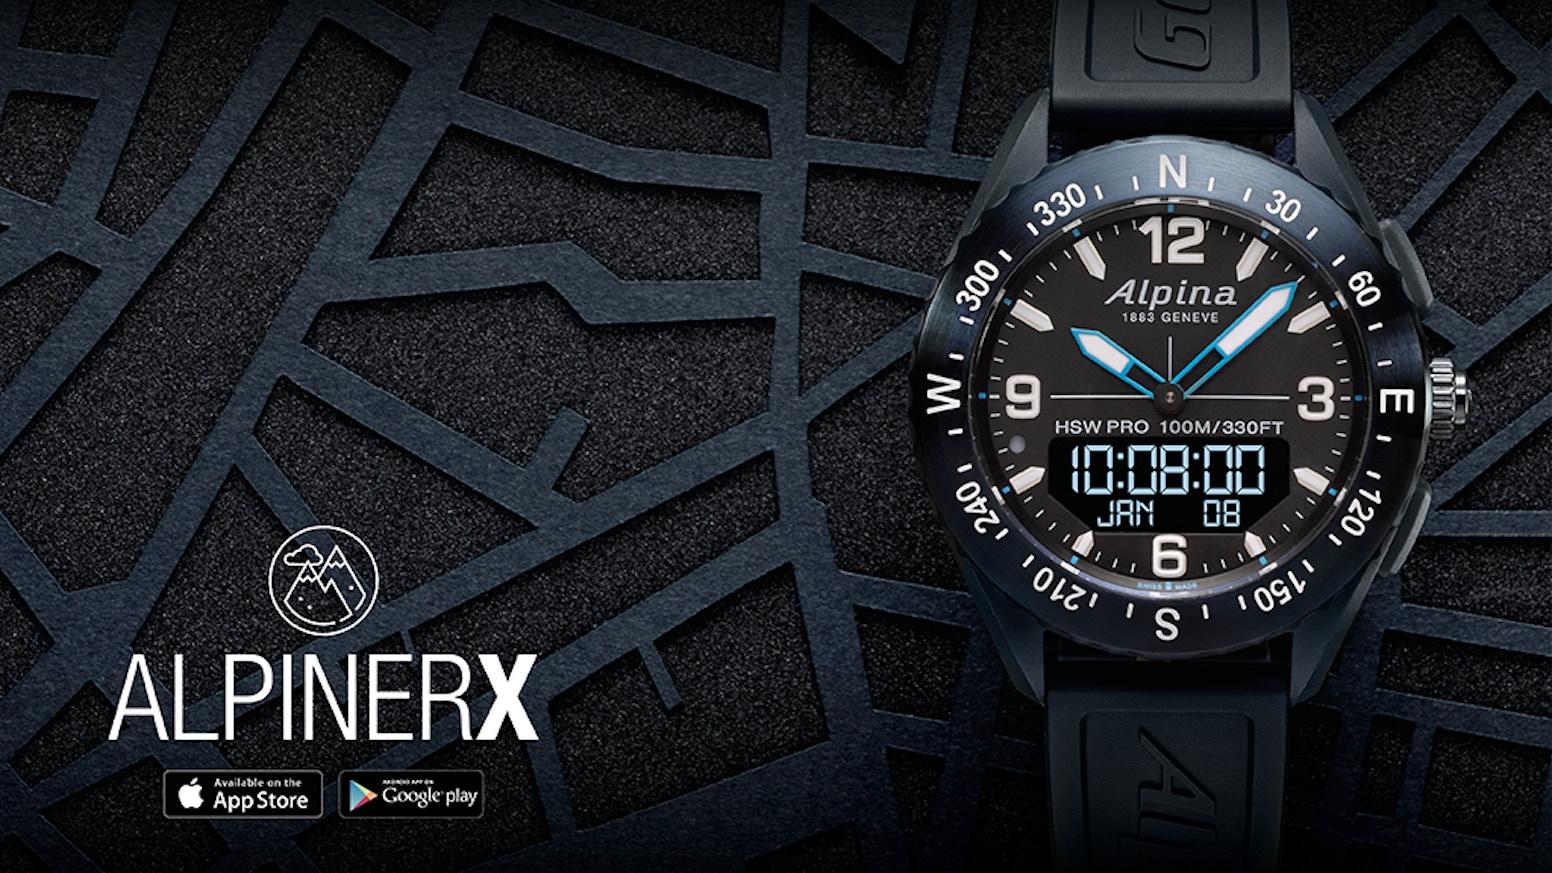 les ventes chaudes riche et magnifique techniques modernes AlpinerX - The Most Beautiful Outdoors Smartwatch by Alpina ...